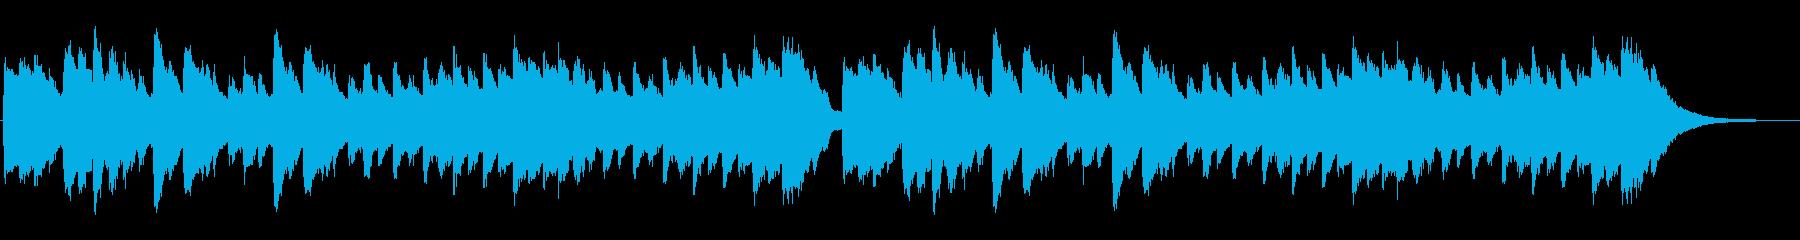 こぎつね/童謡/ピアノ/子供の再生済みの波形